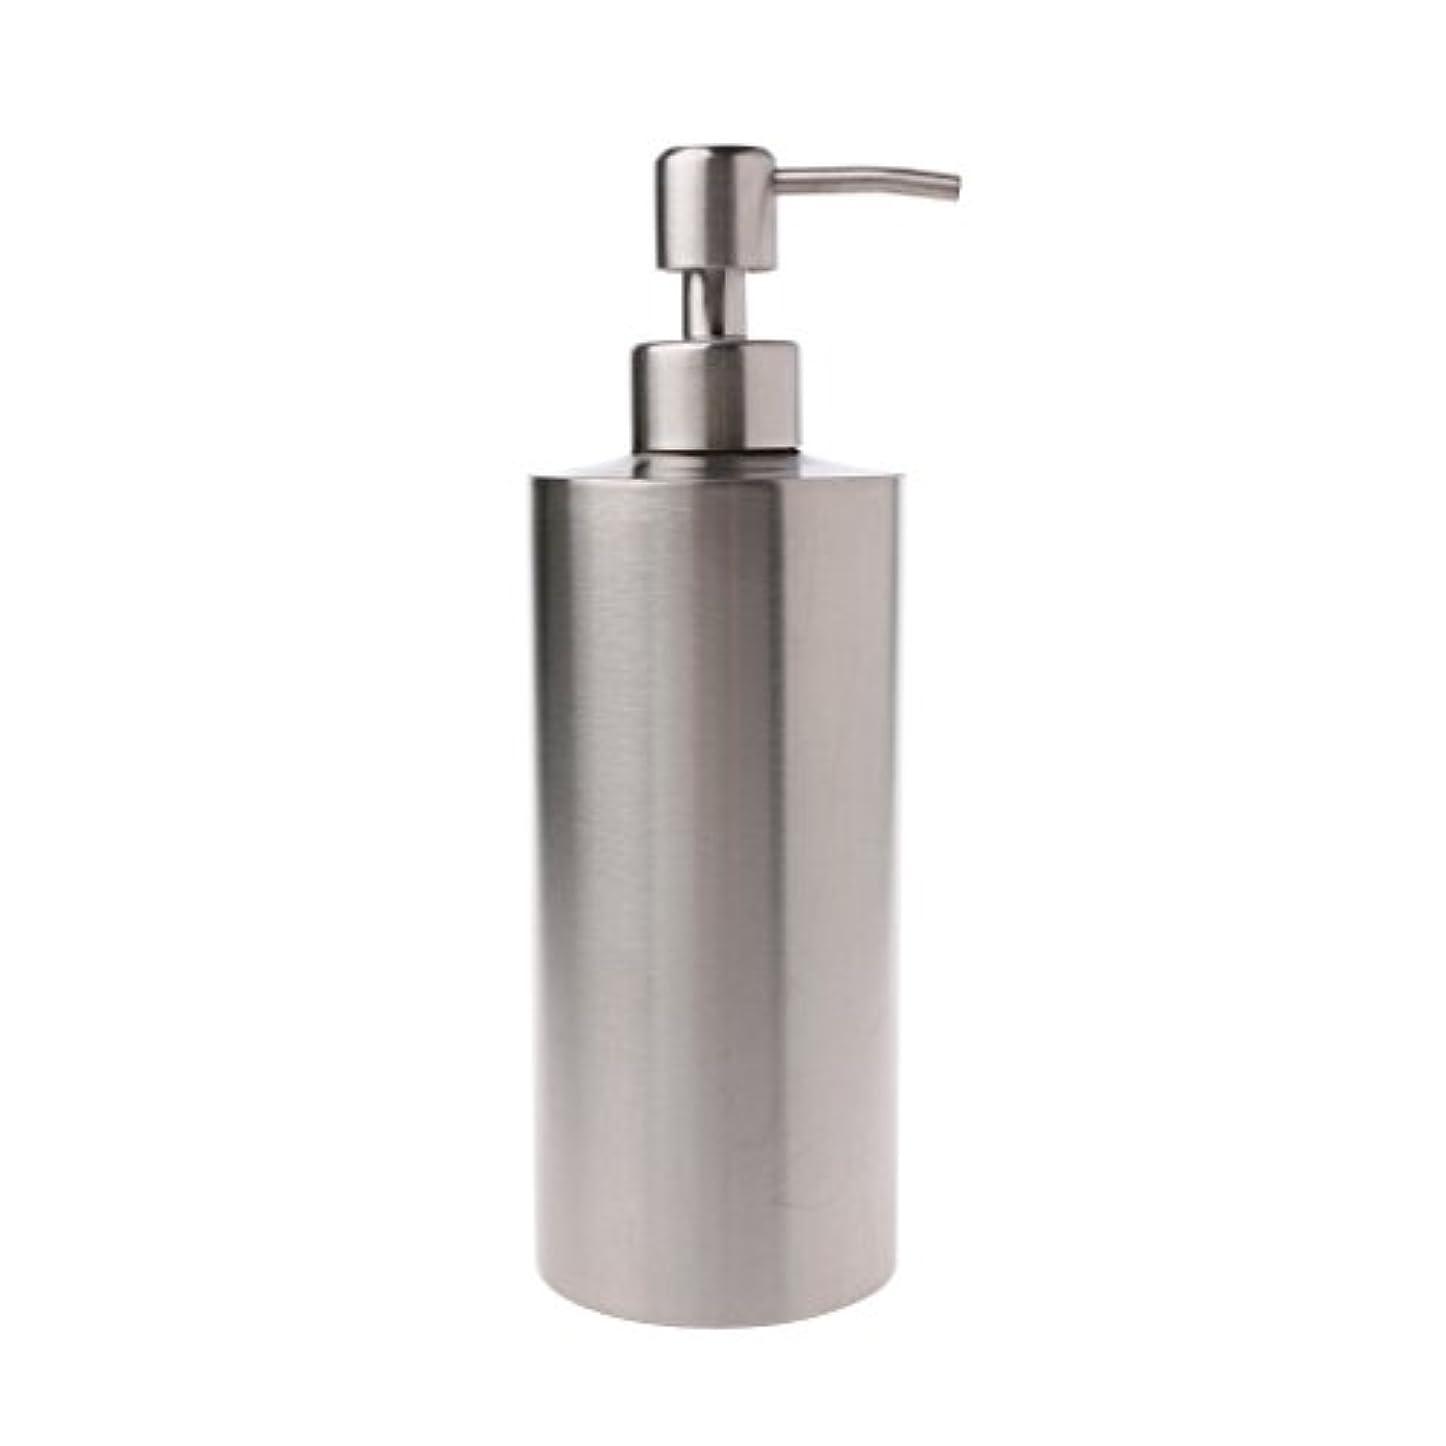 カウントアップ打撃カエルLamdoo 304ステンレス鋼ポンプ液体石鹸ローションディスペンサーボトルキッチンバスルーム